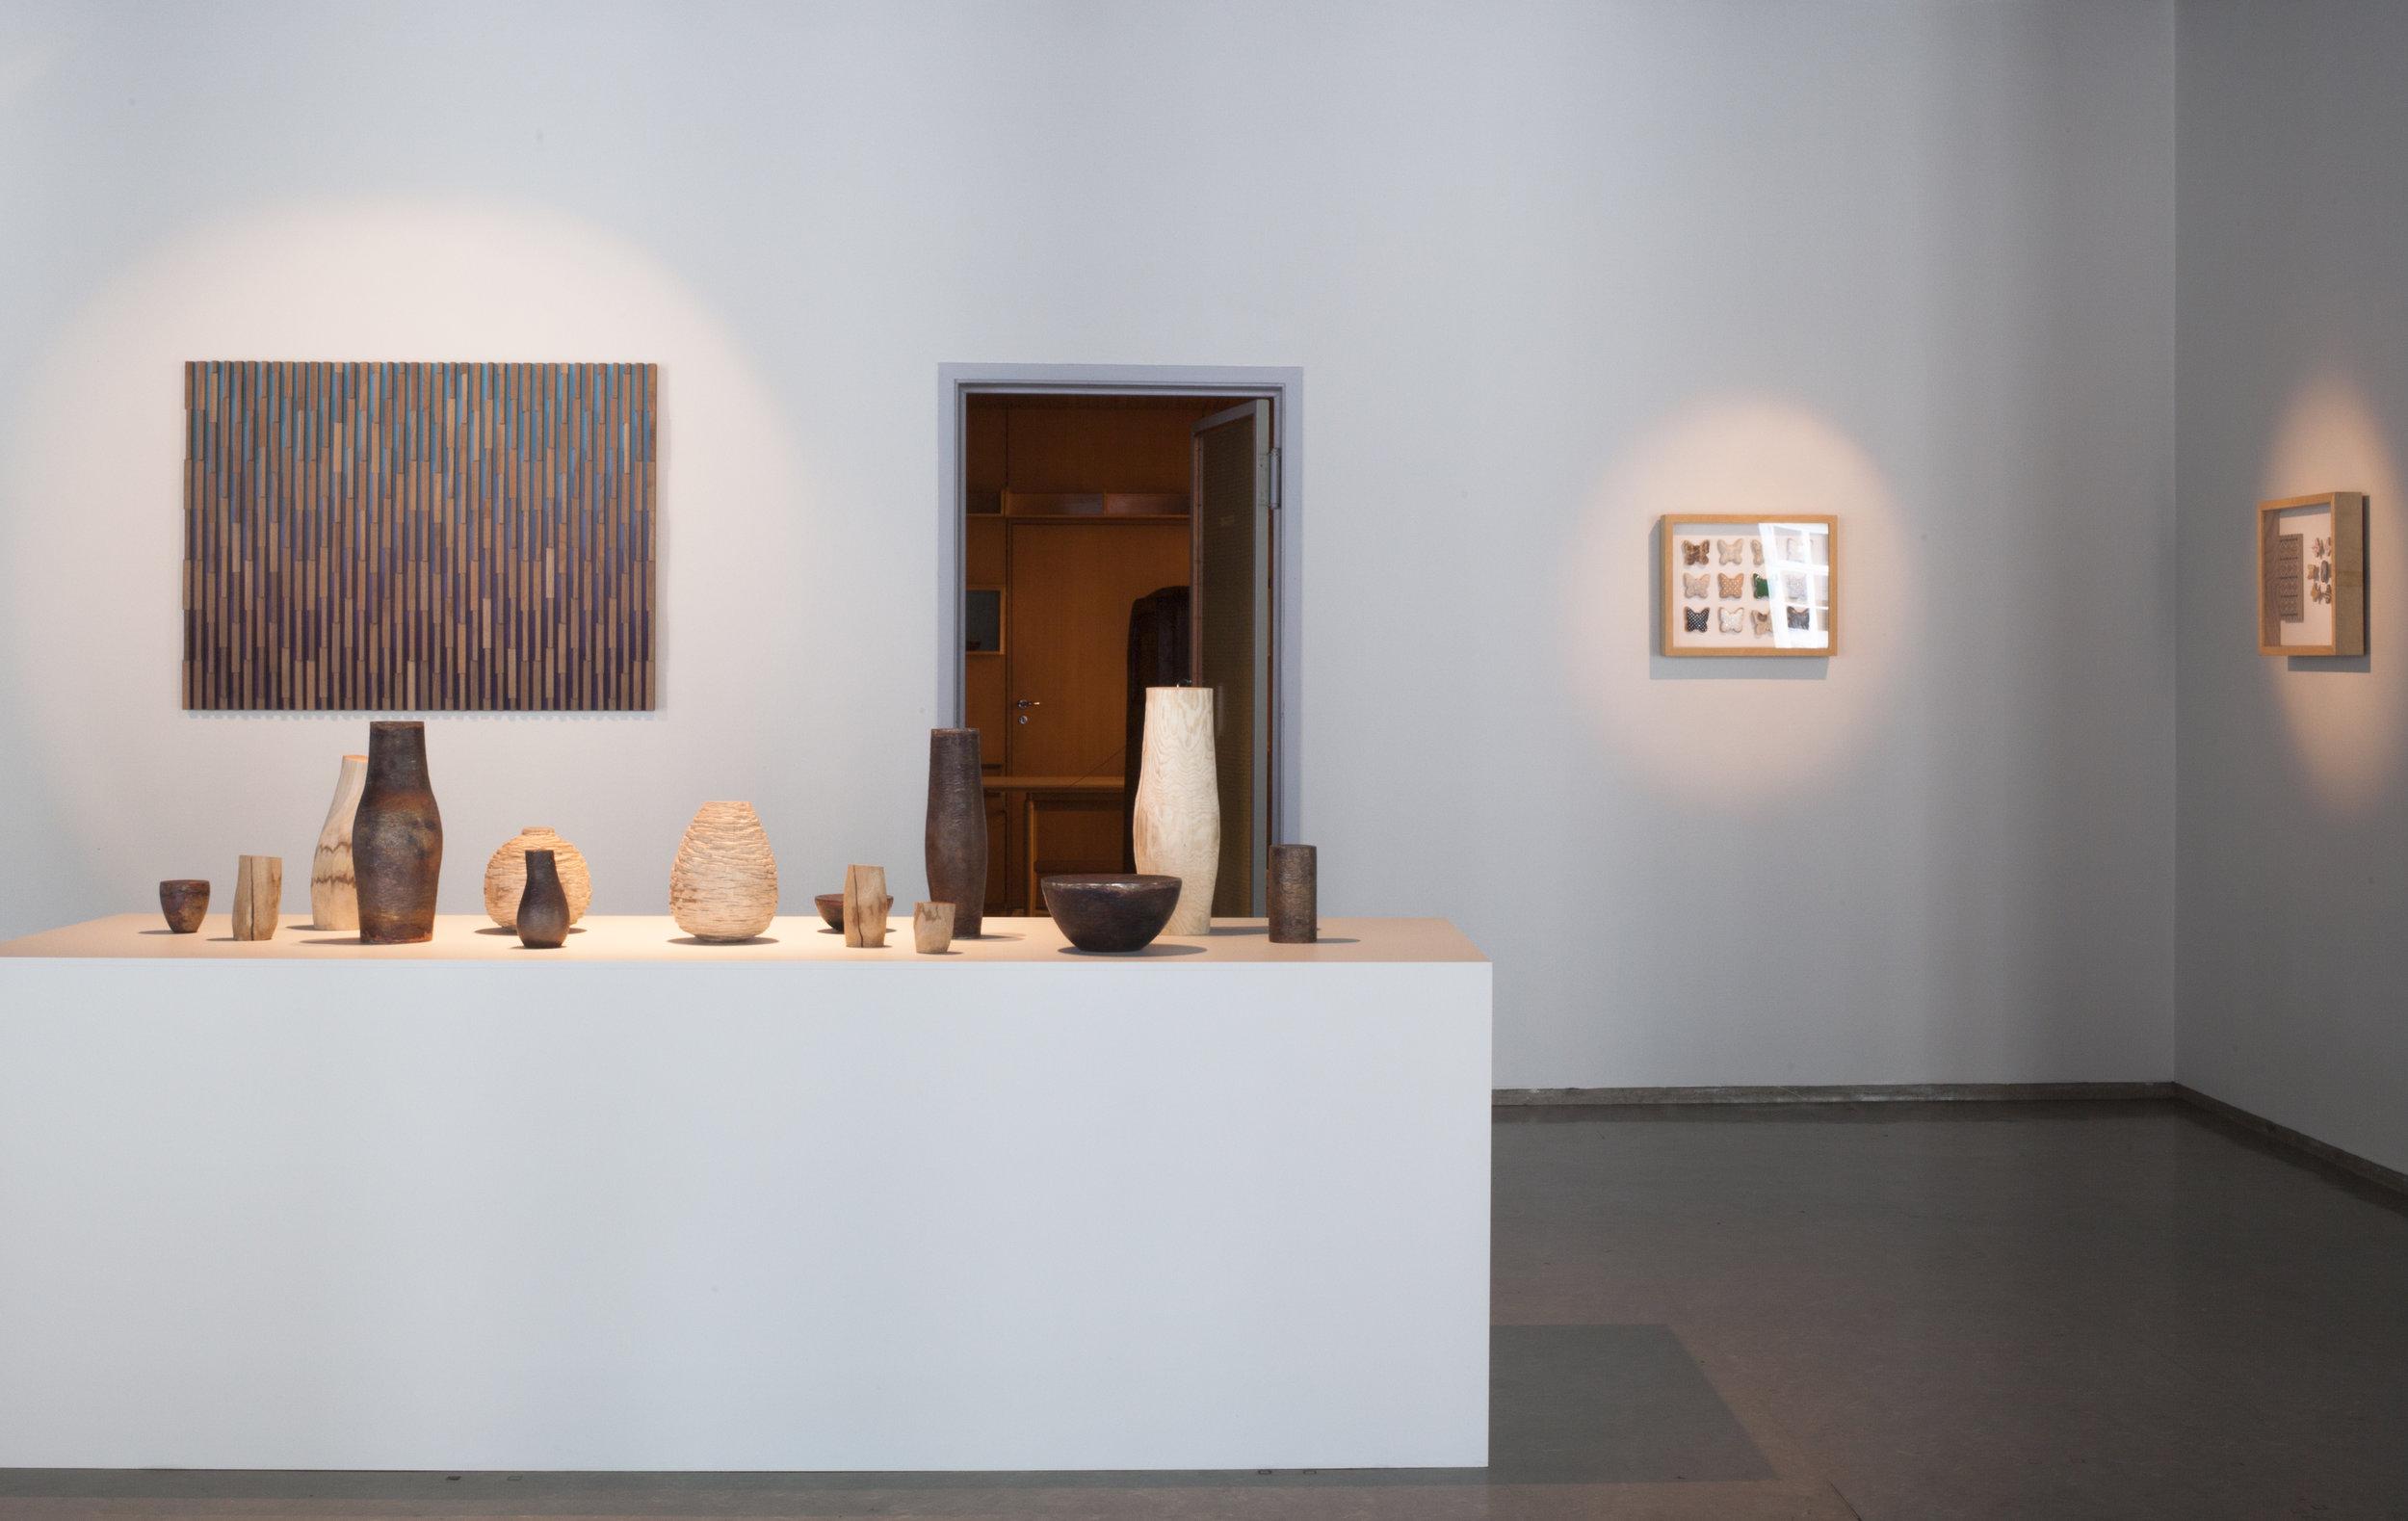 Oversiktsbilde fra utstillingen What Wood Would på Nordenfjeldske Kunstindustrimseum